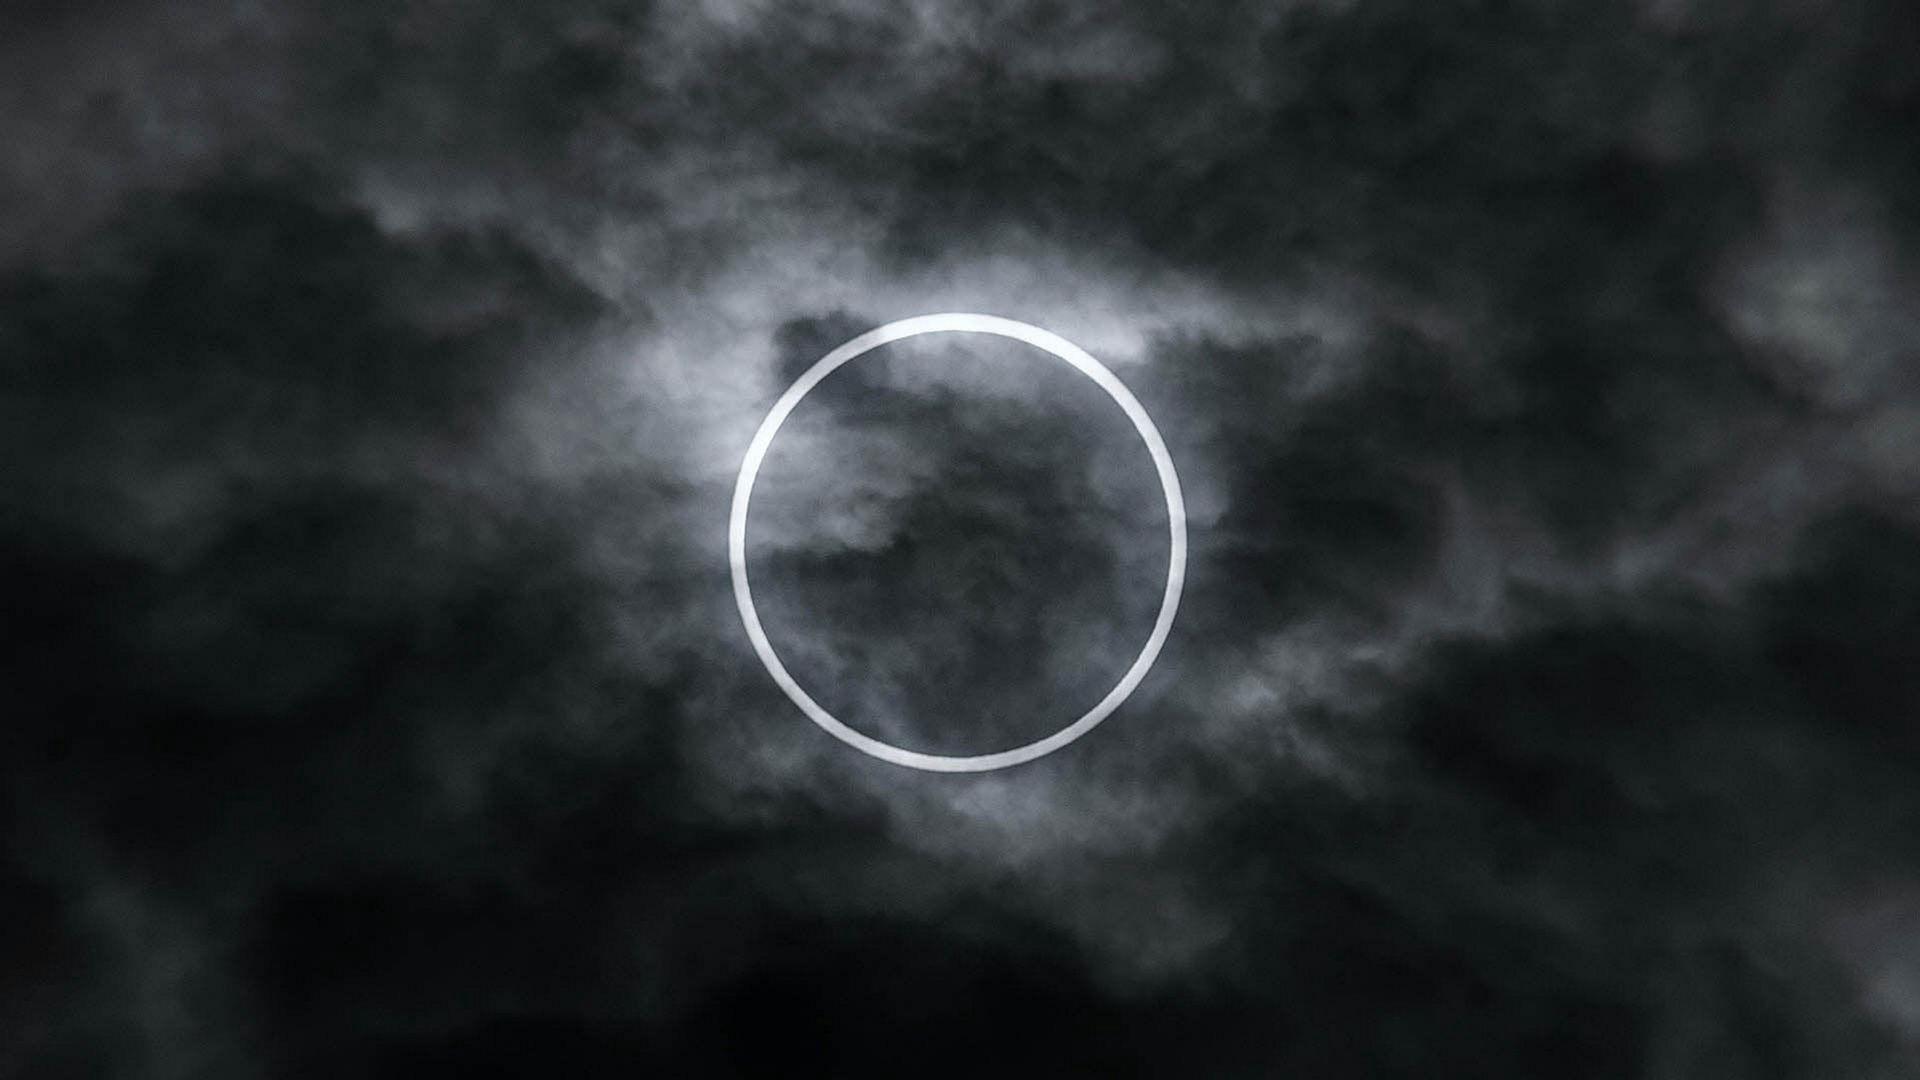 L'anneau de feu solaire apparaitra bientôt !